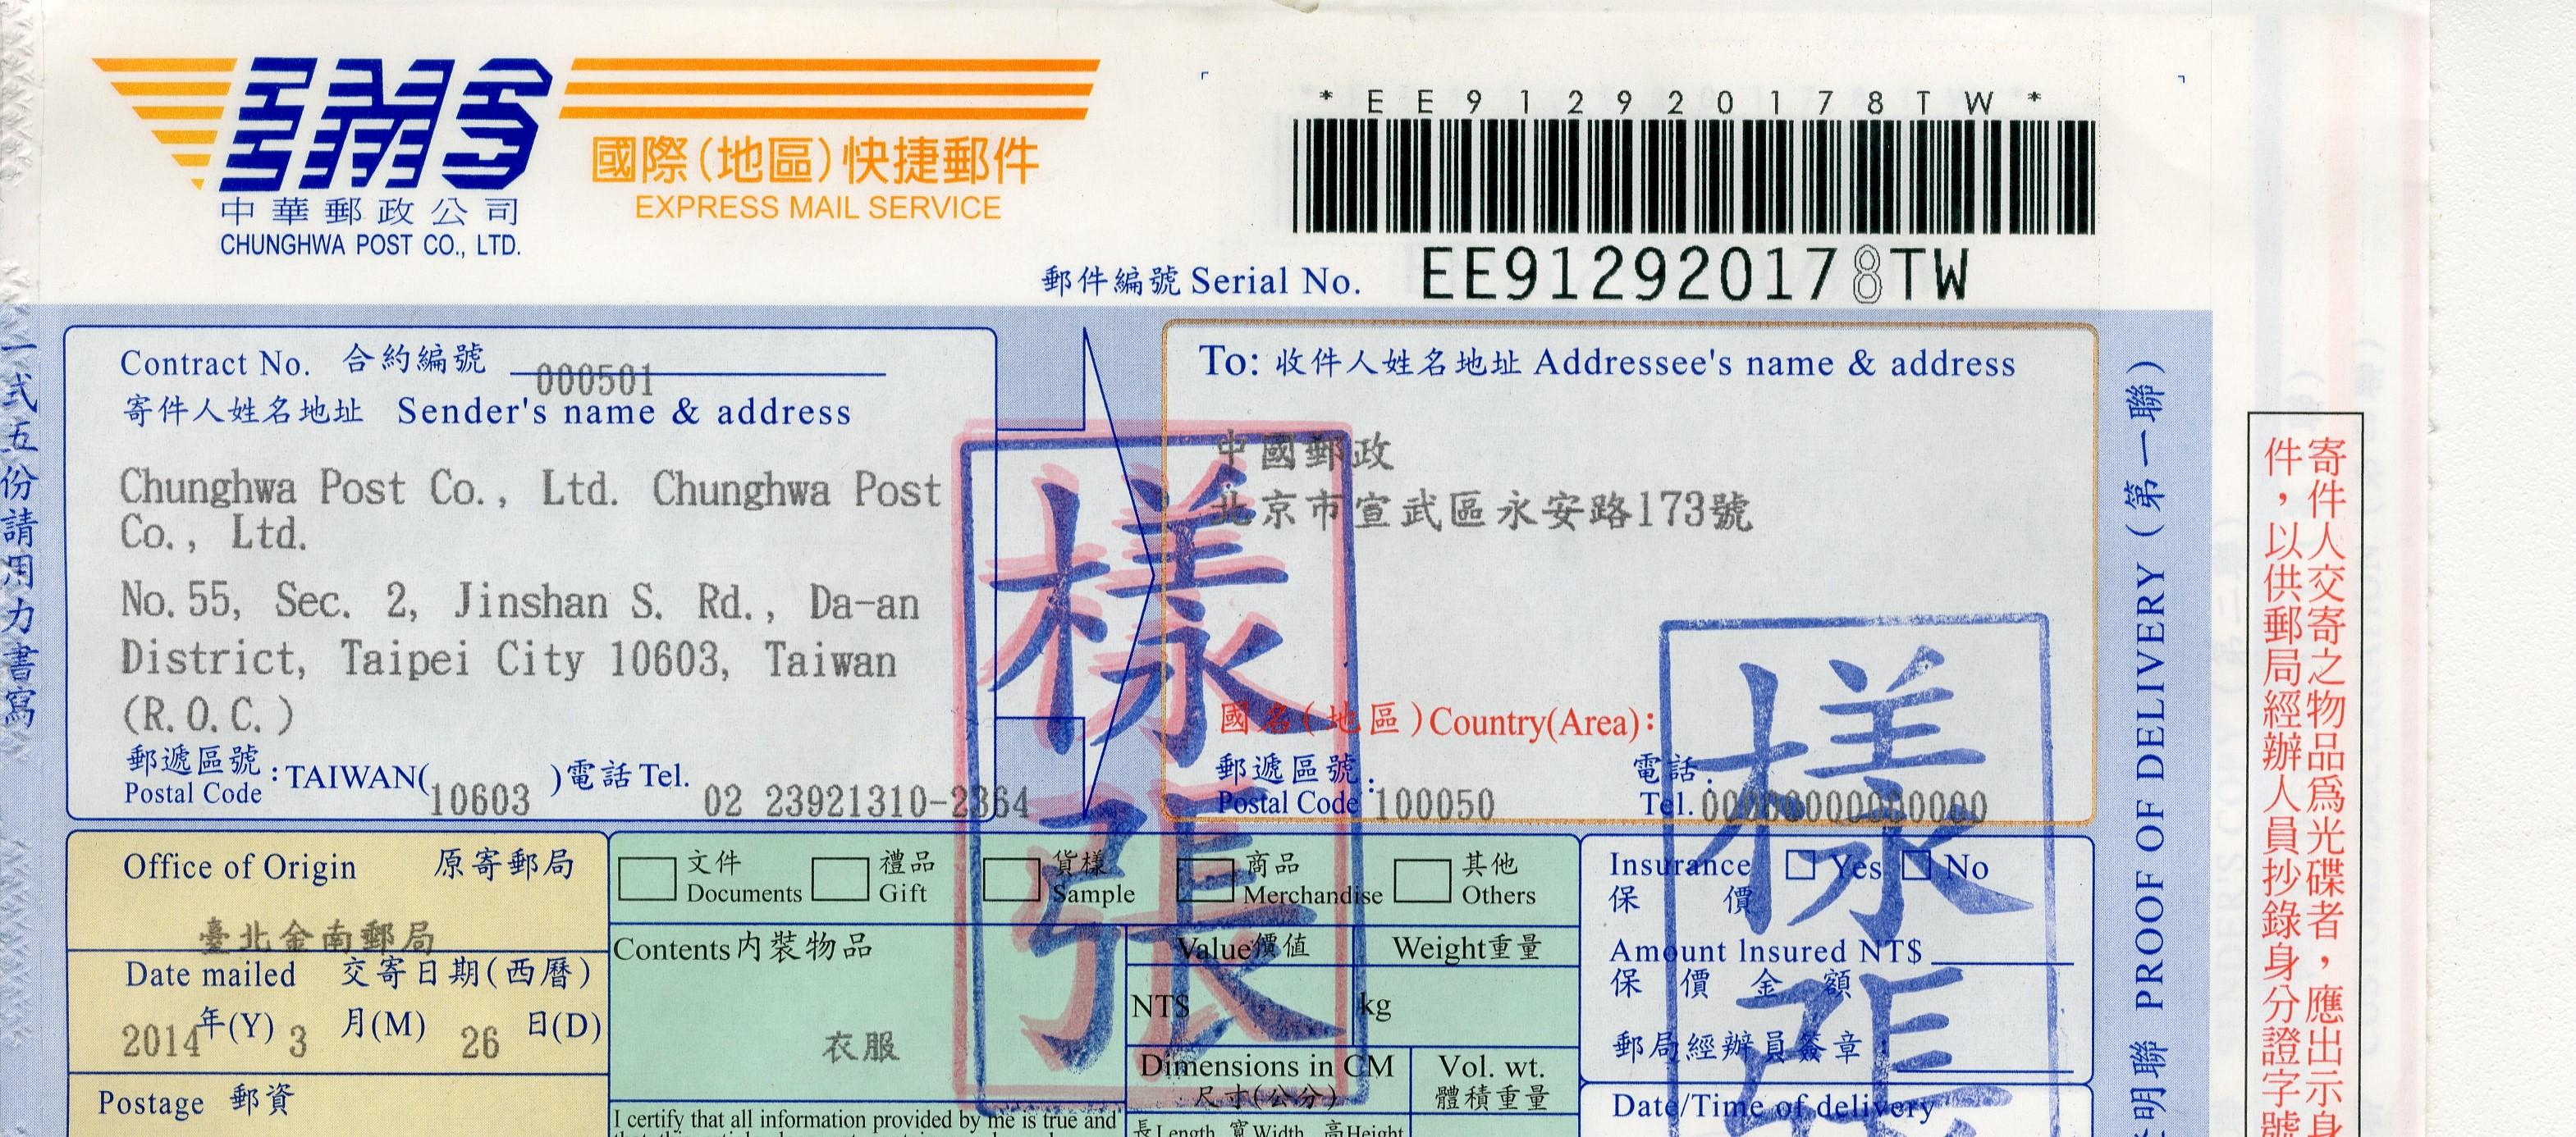 中華郵政全球資訊網-各地郵局-臺中郵局 - 郵務業務書寫範例